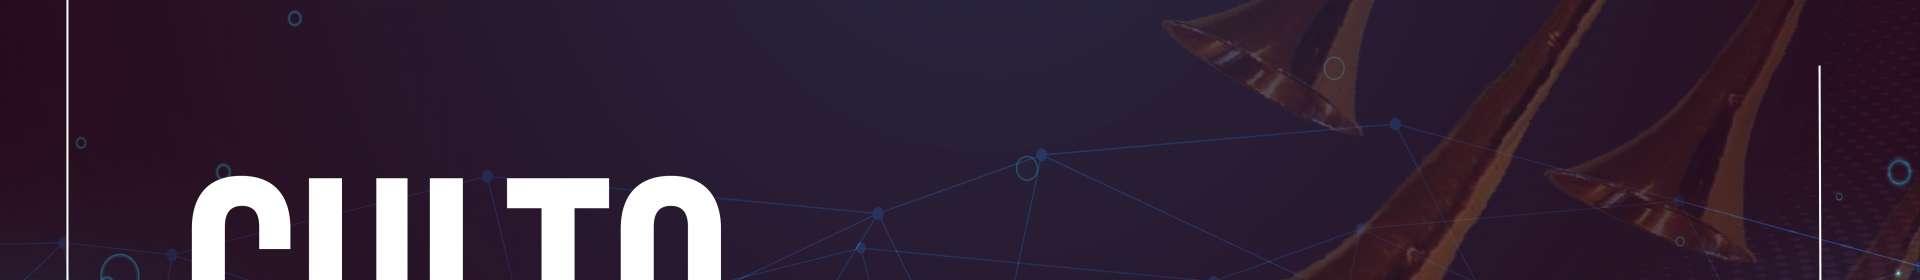 Culto via satélite exibido em 18/02/2020